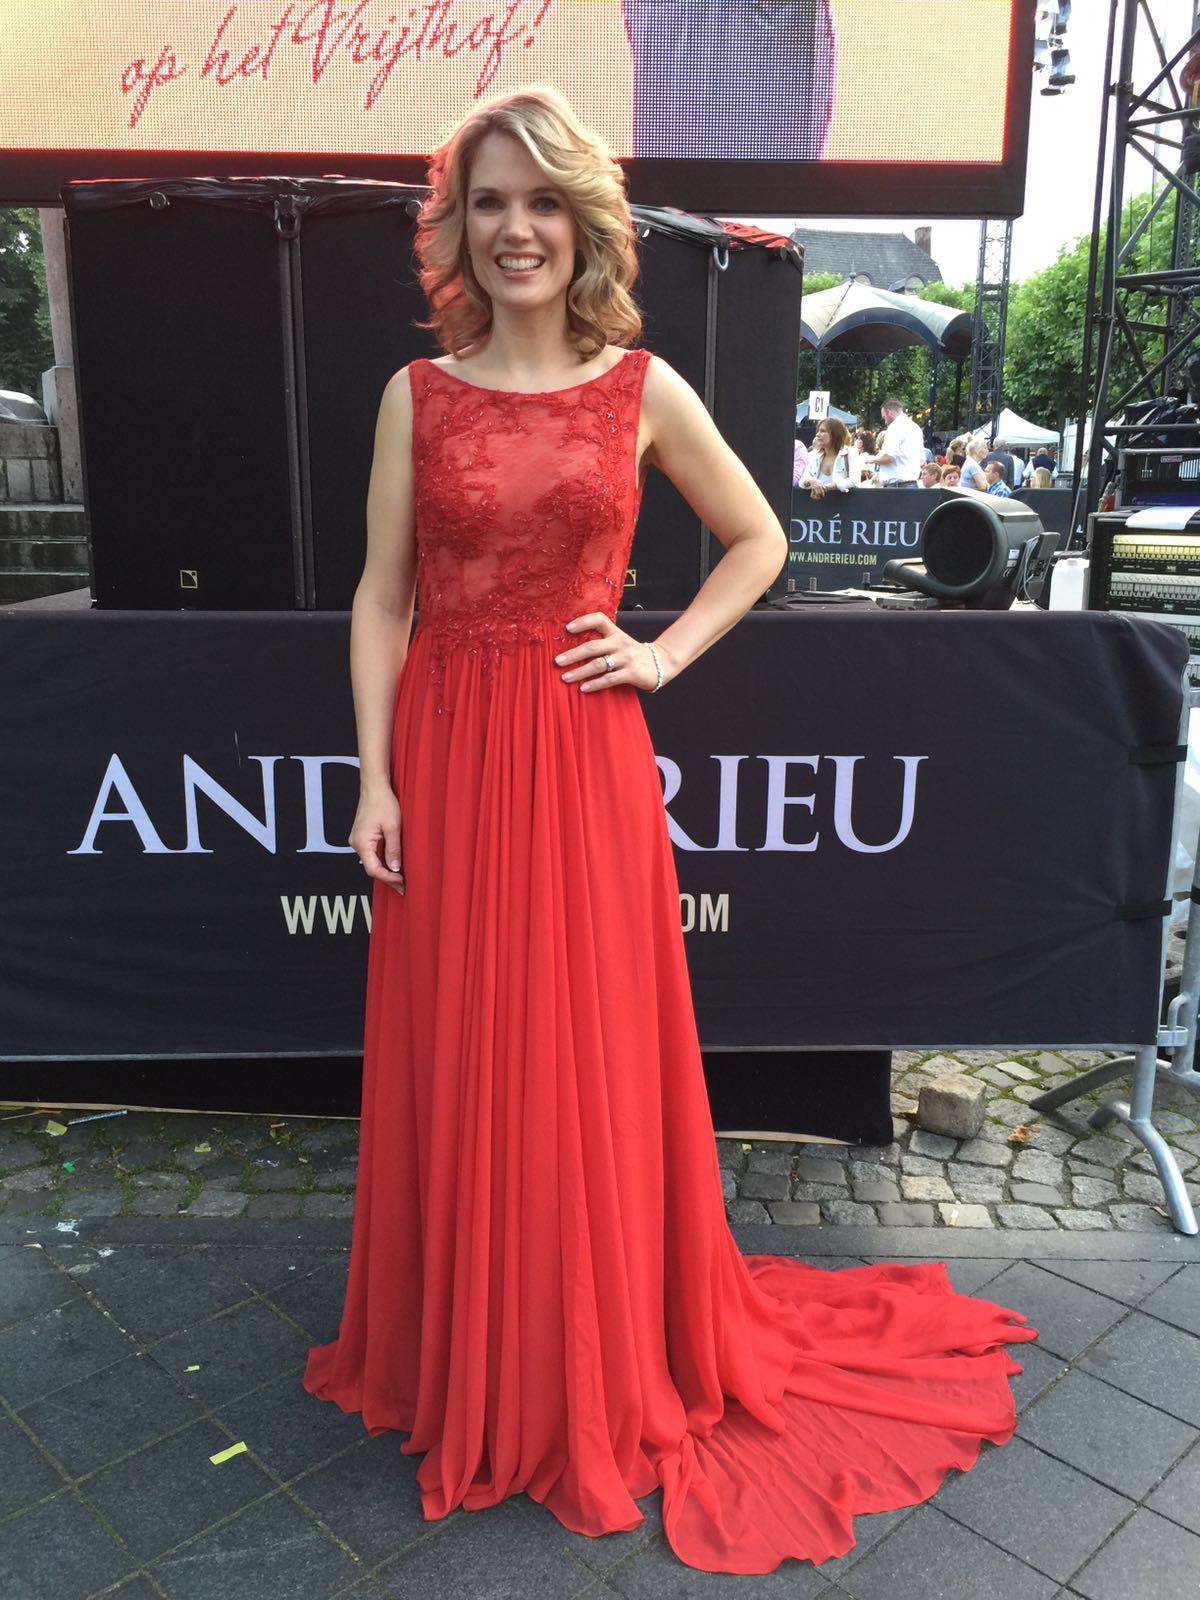 Designer evening dresses by Caroline Castigliano